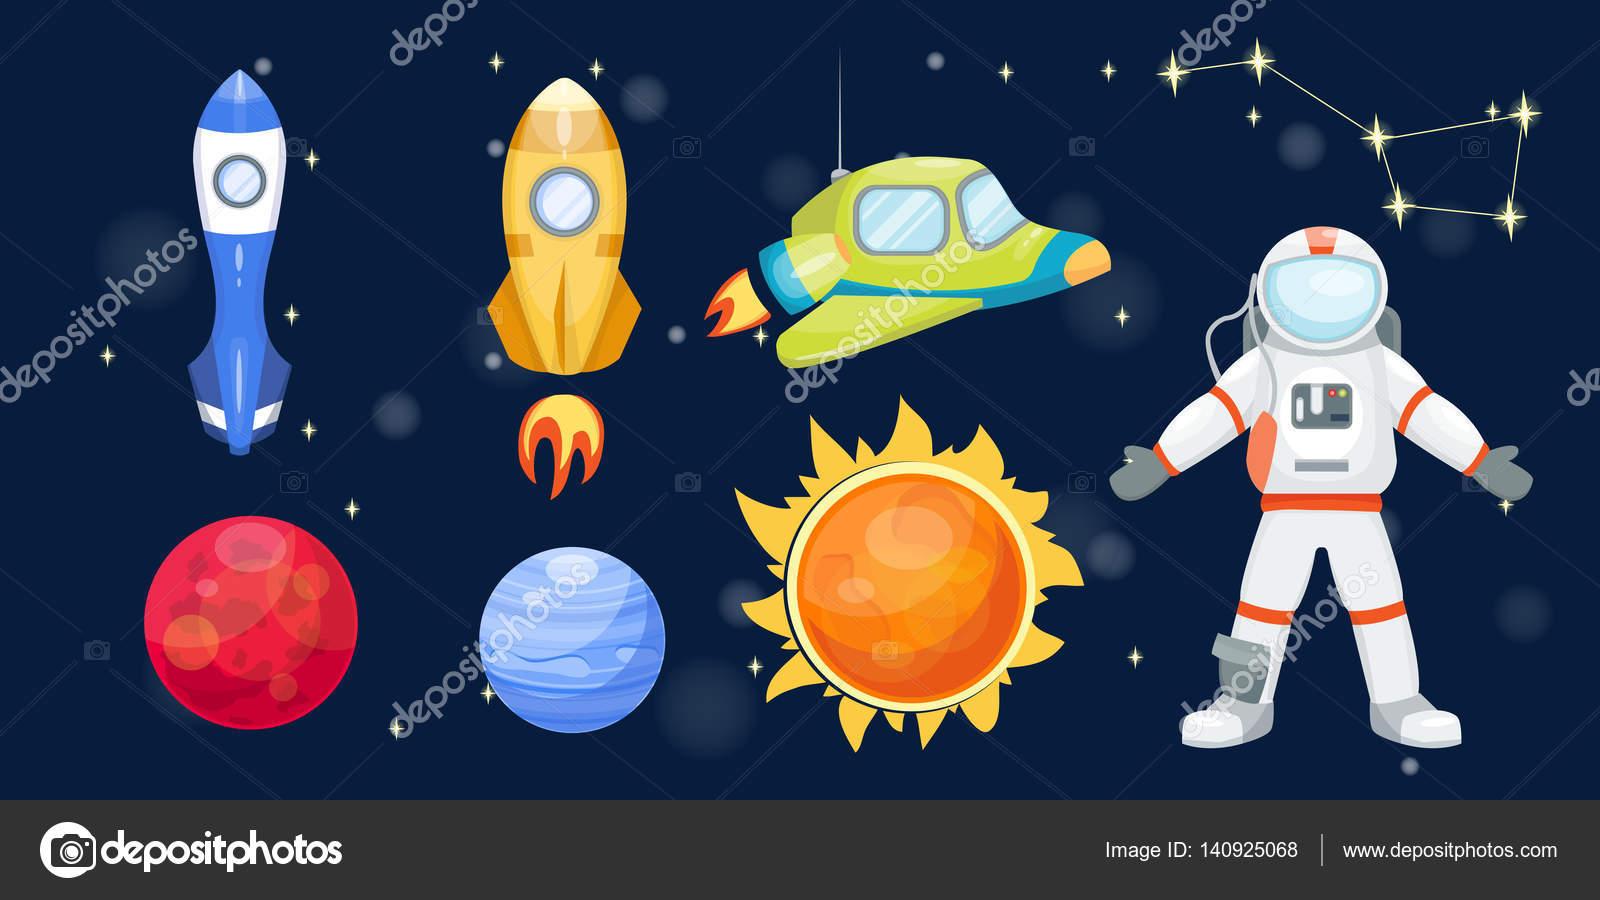 Cohete De Espacio De Dibujos: Dibujos Animados De Cohete De Espacio Astronomía Sistema